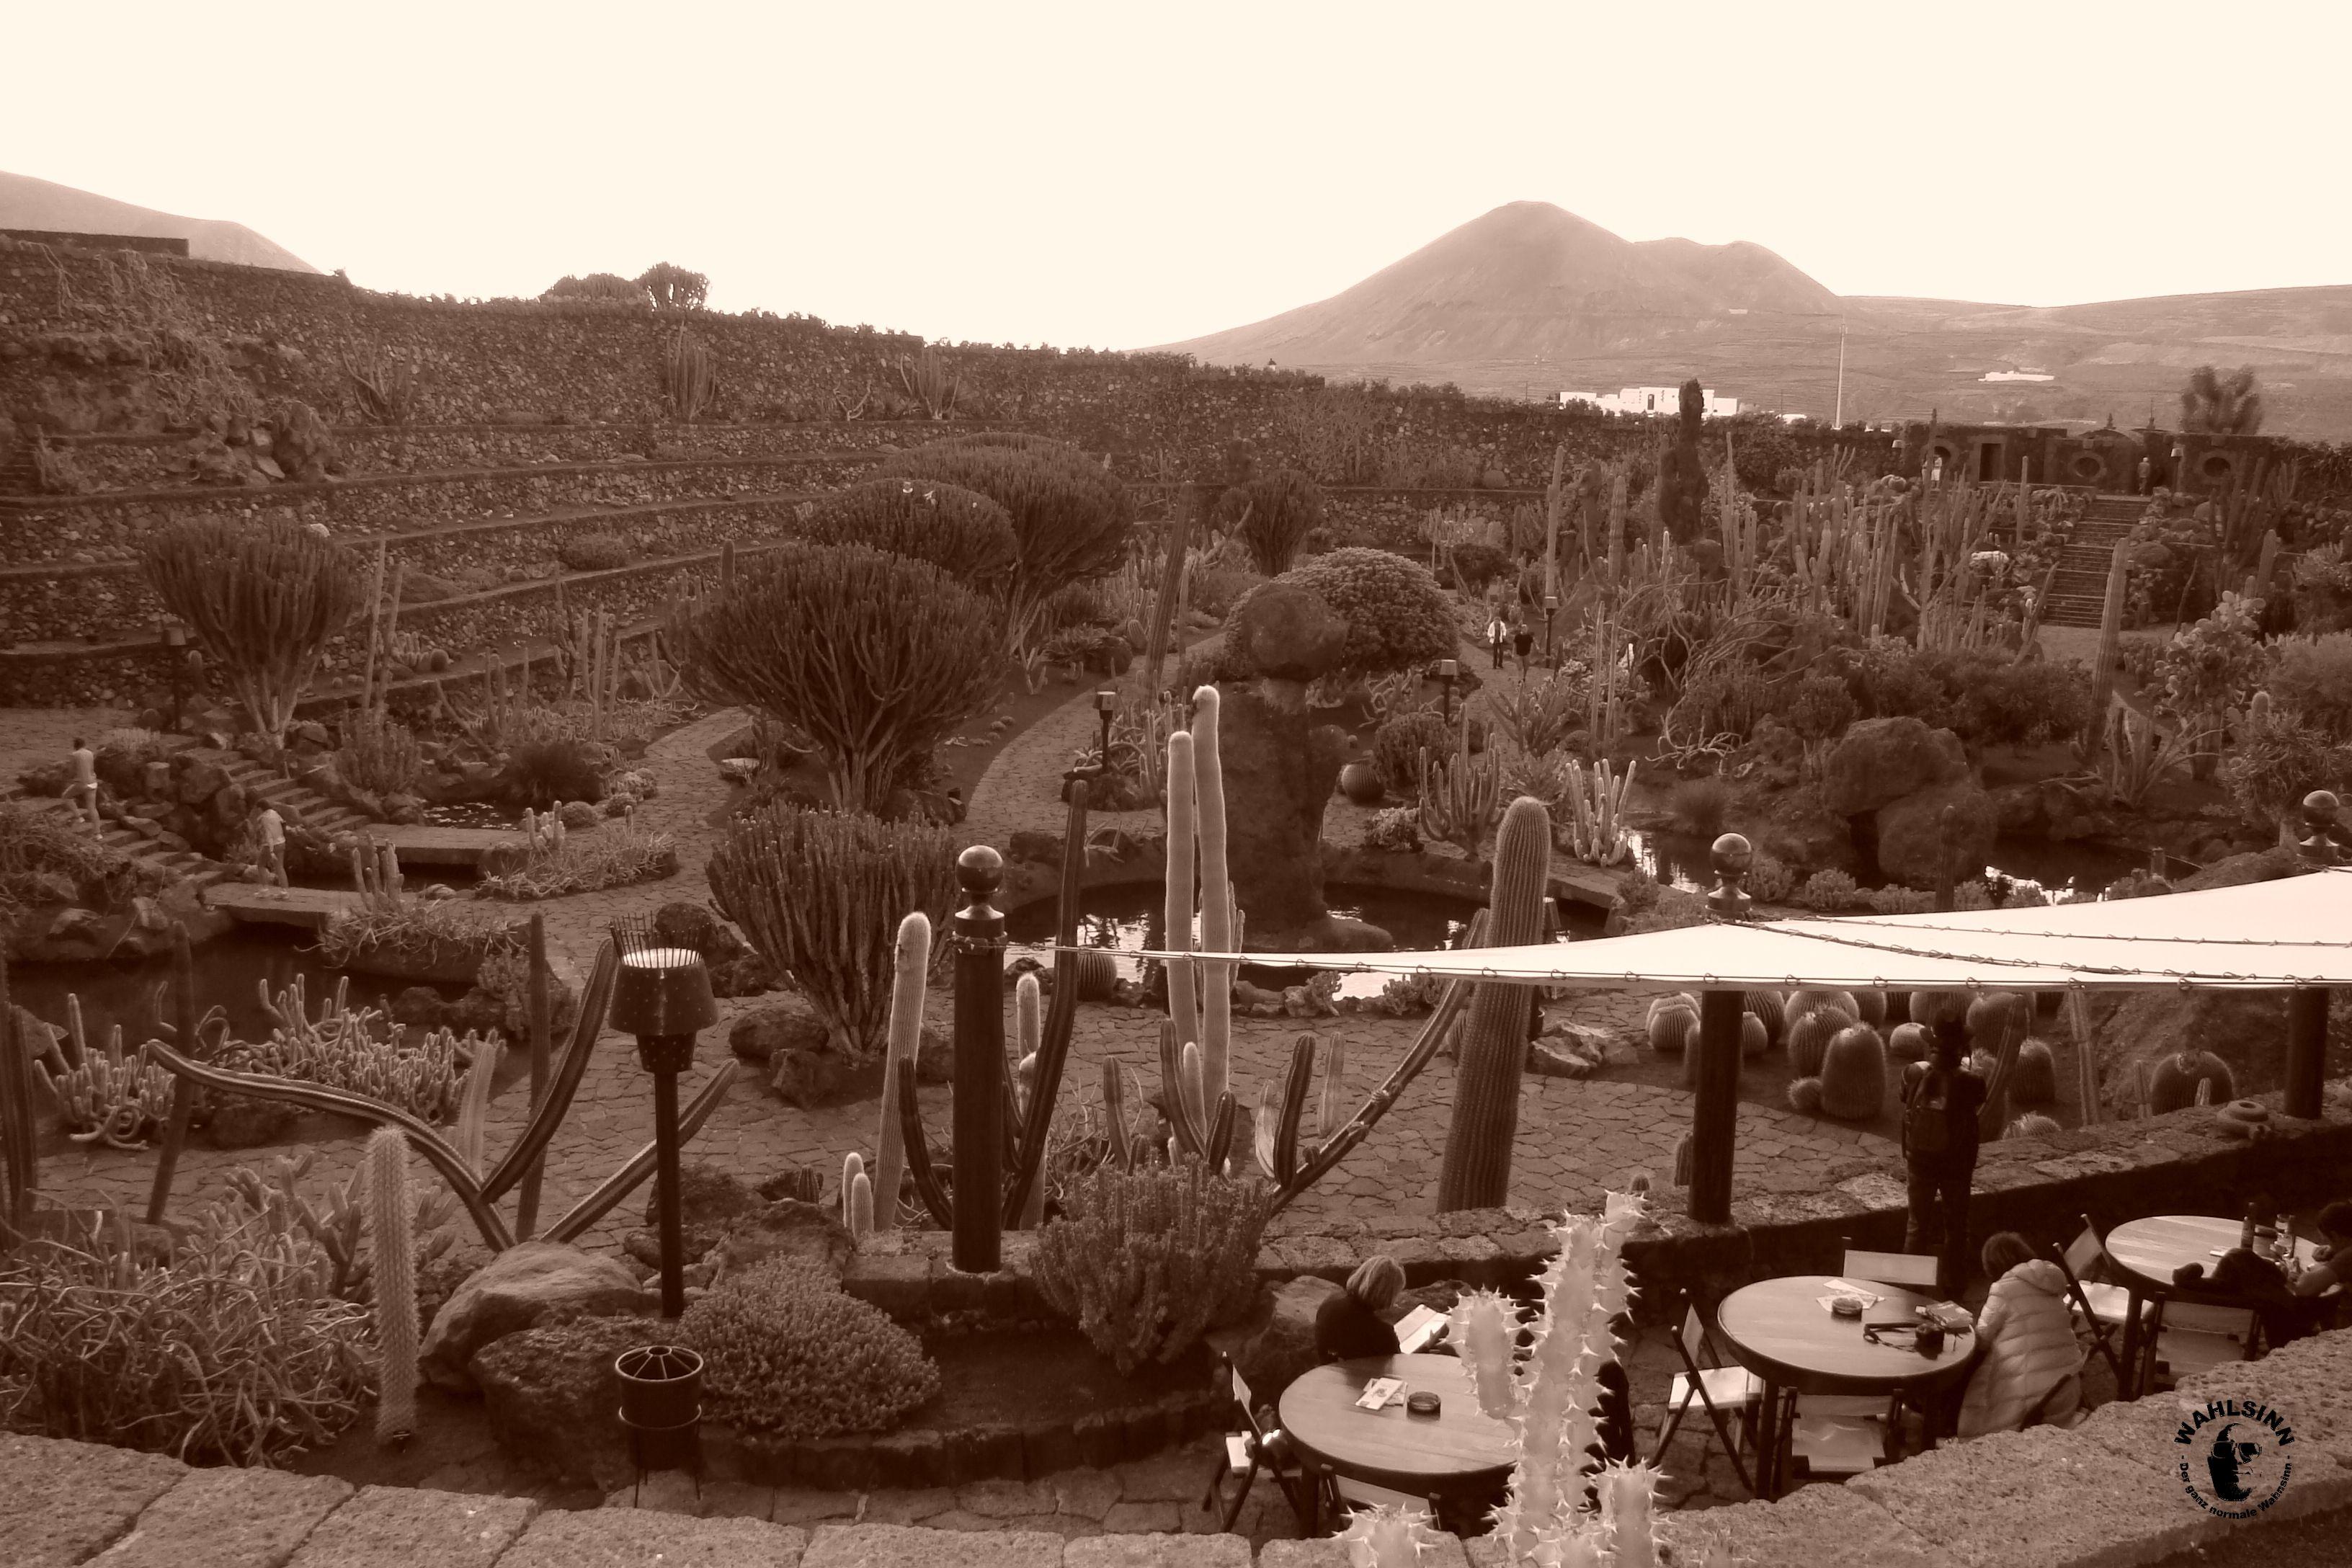 Lanzarote - Cactus Garden / kaktus Garten